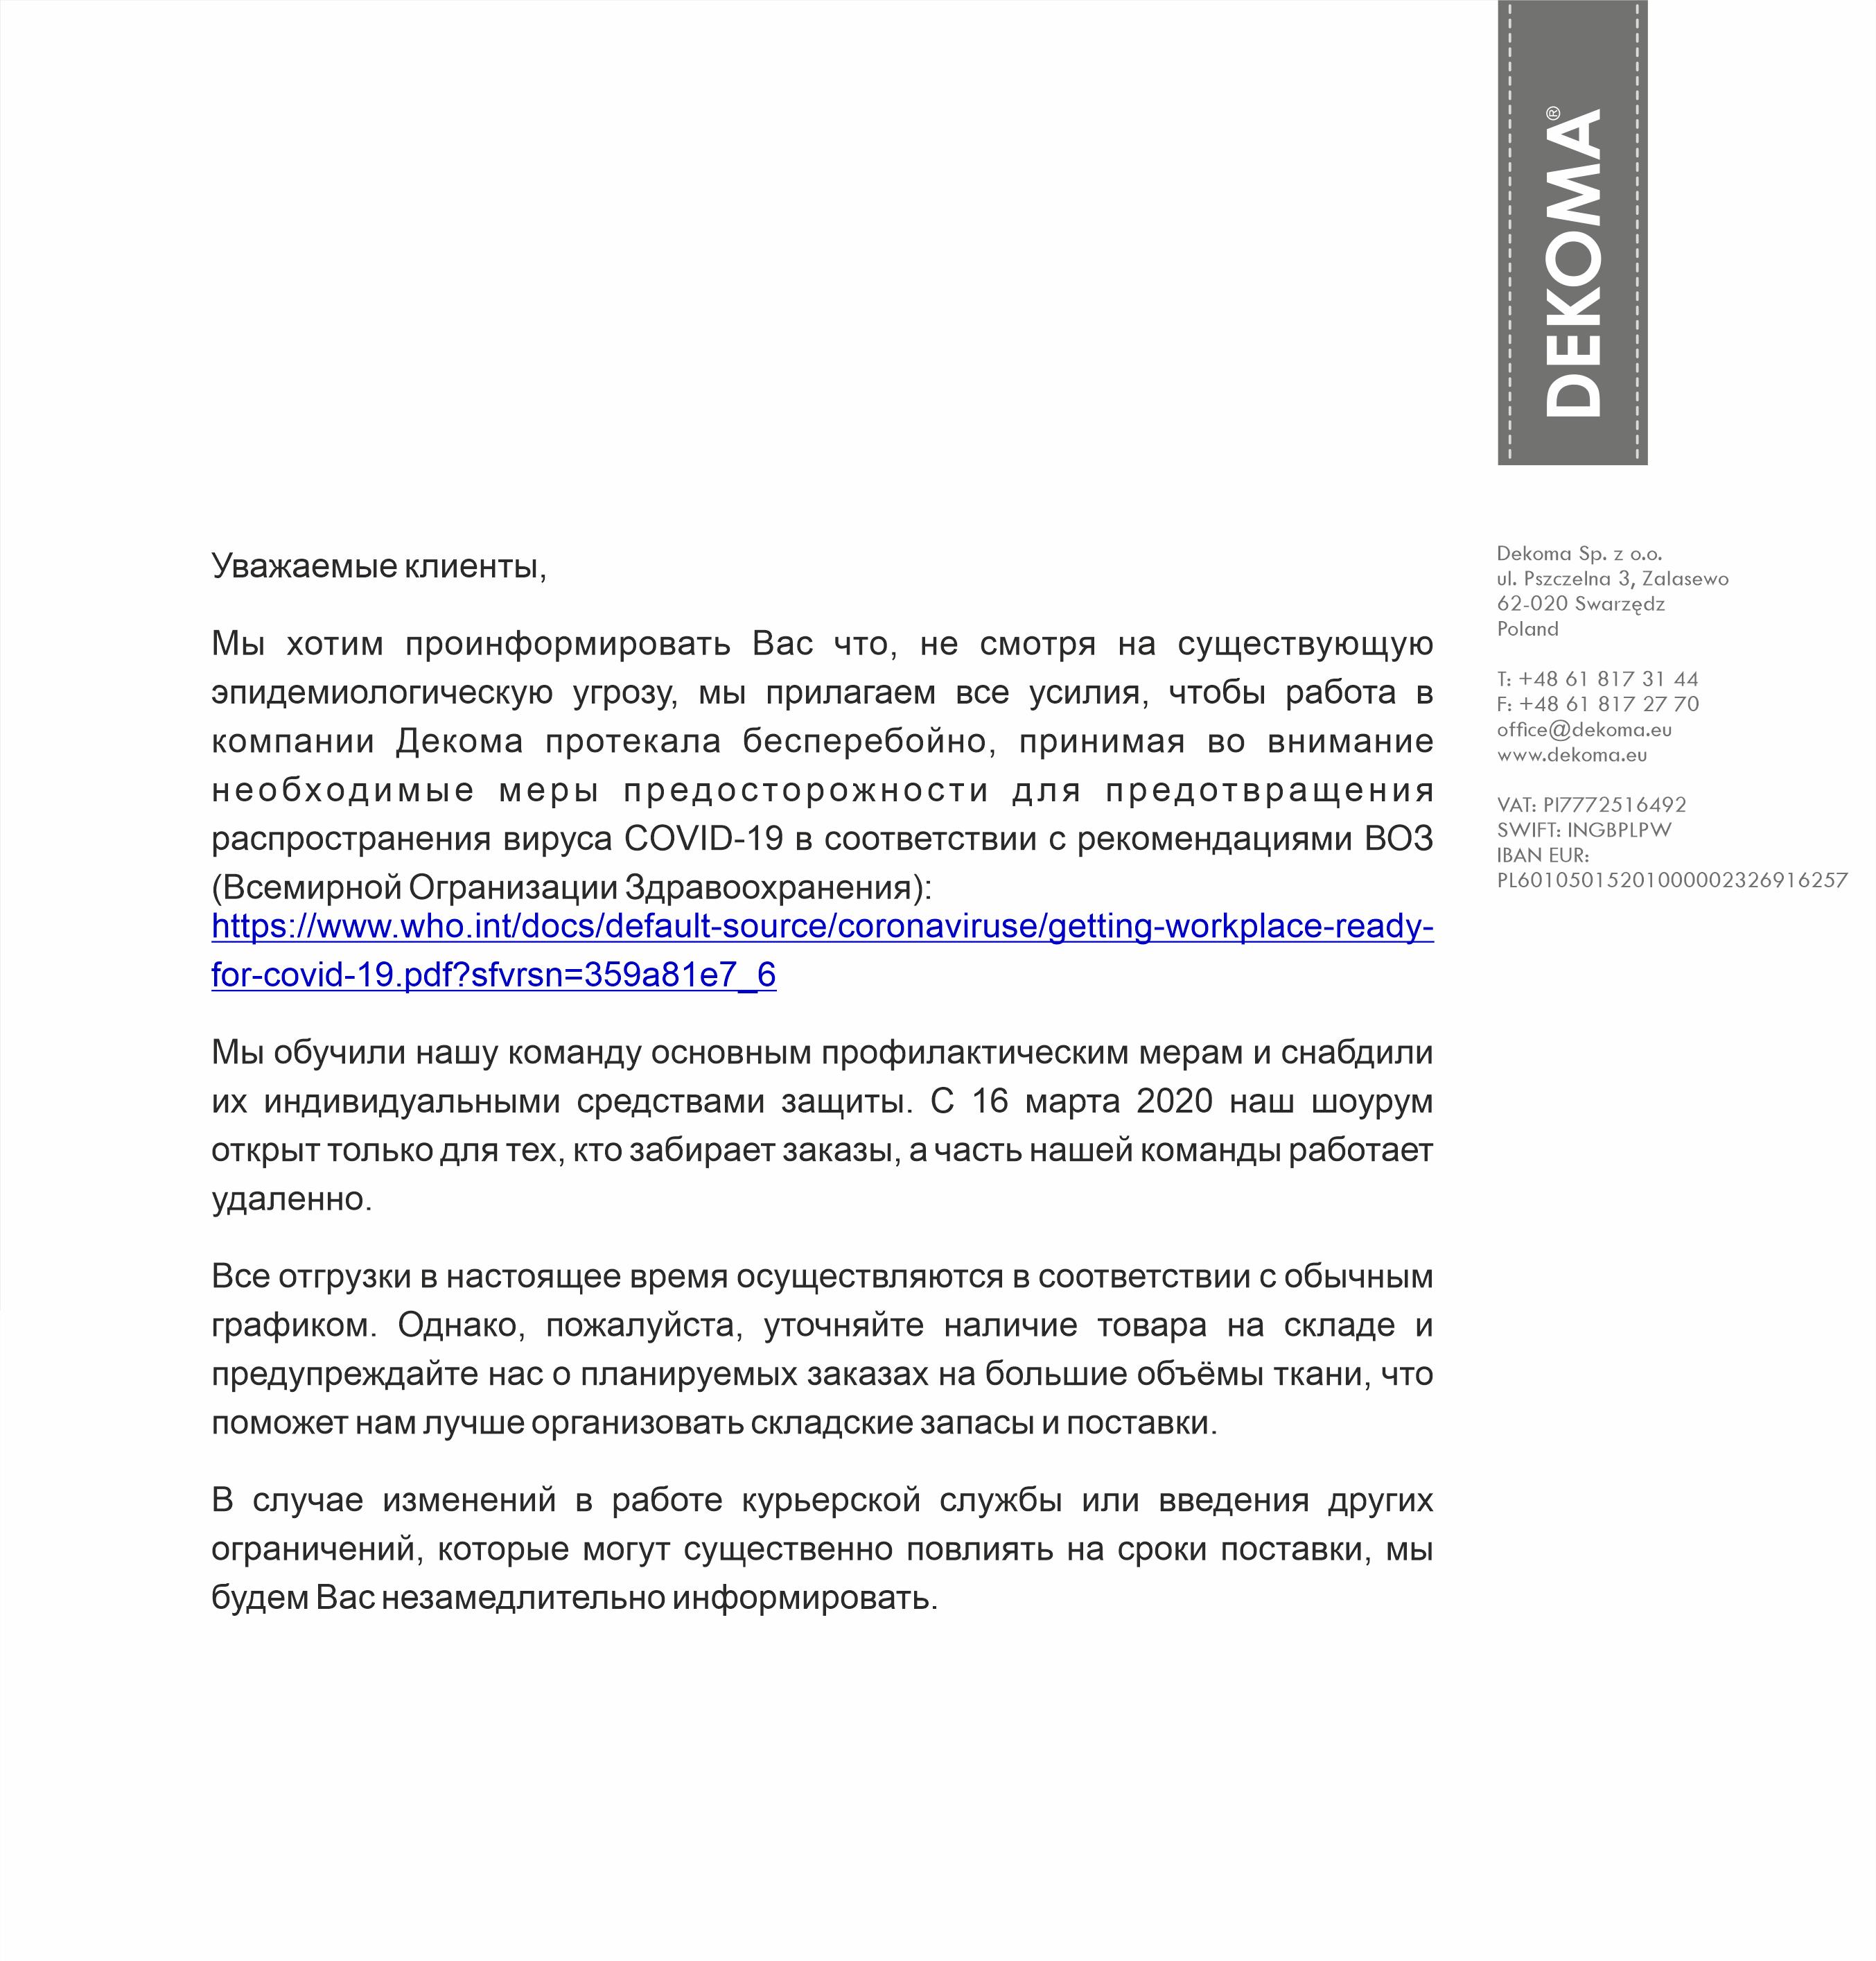 oświadczenie Dekoma w trakcie Covid-19